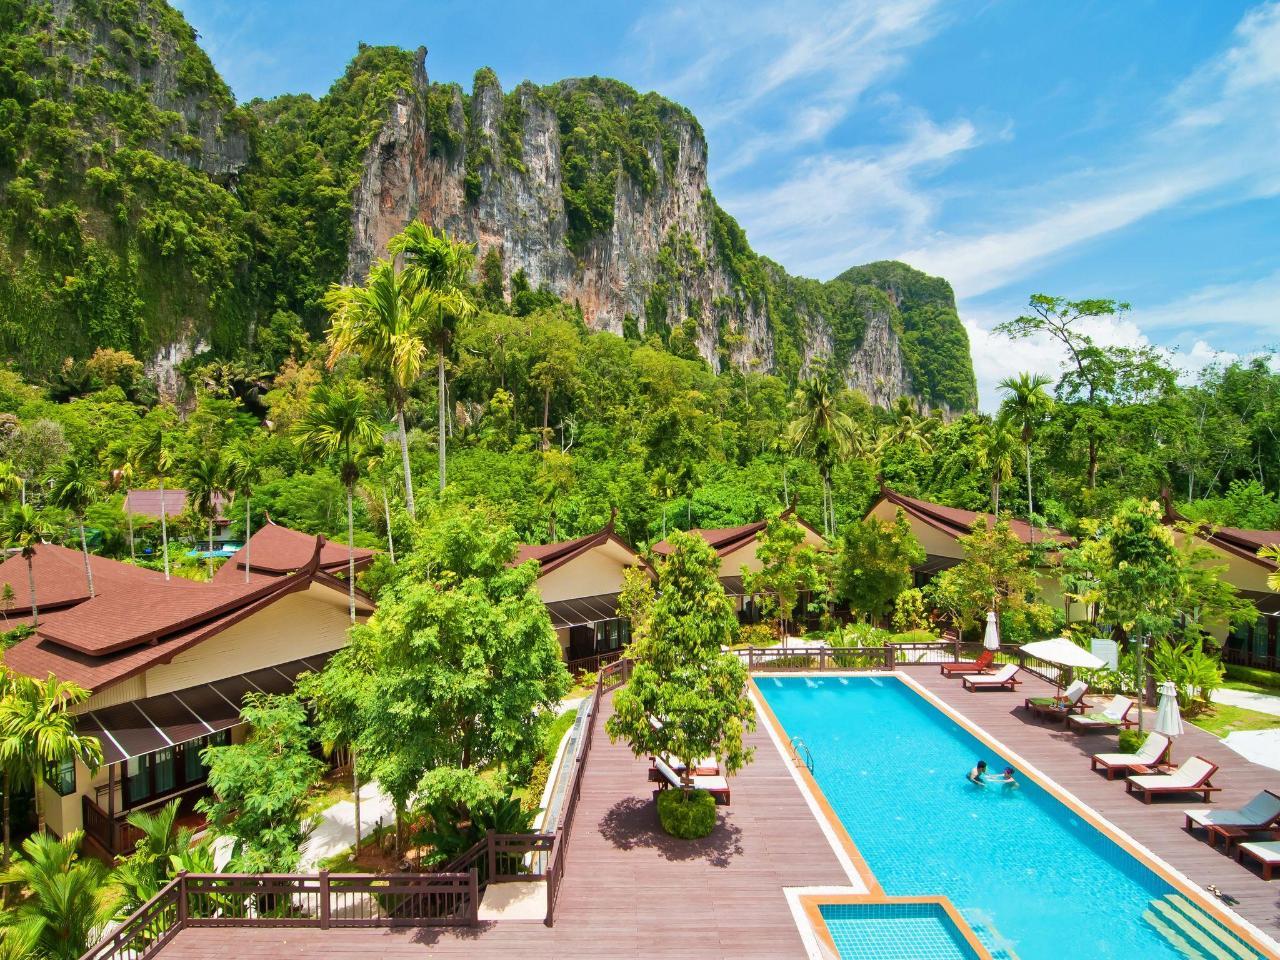 อ่าวนาง ภูเภตรา รีสอร์ต (Aonang Phu Petra Resort)